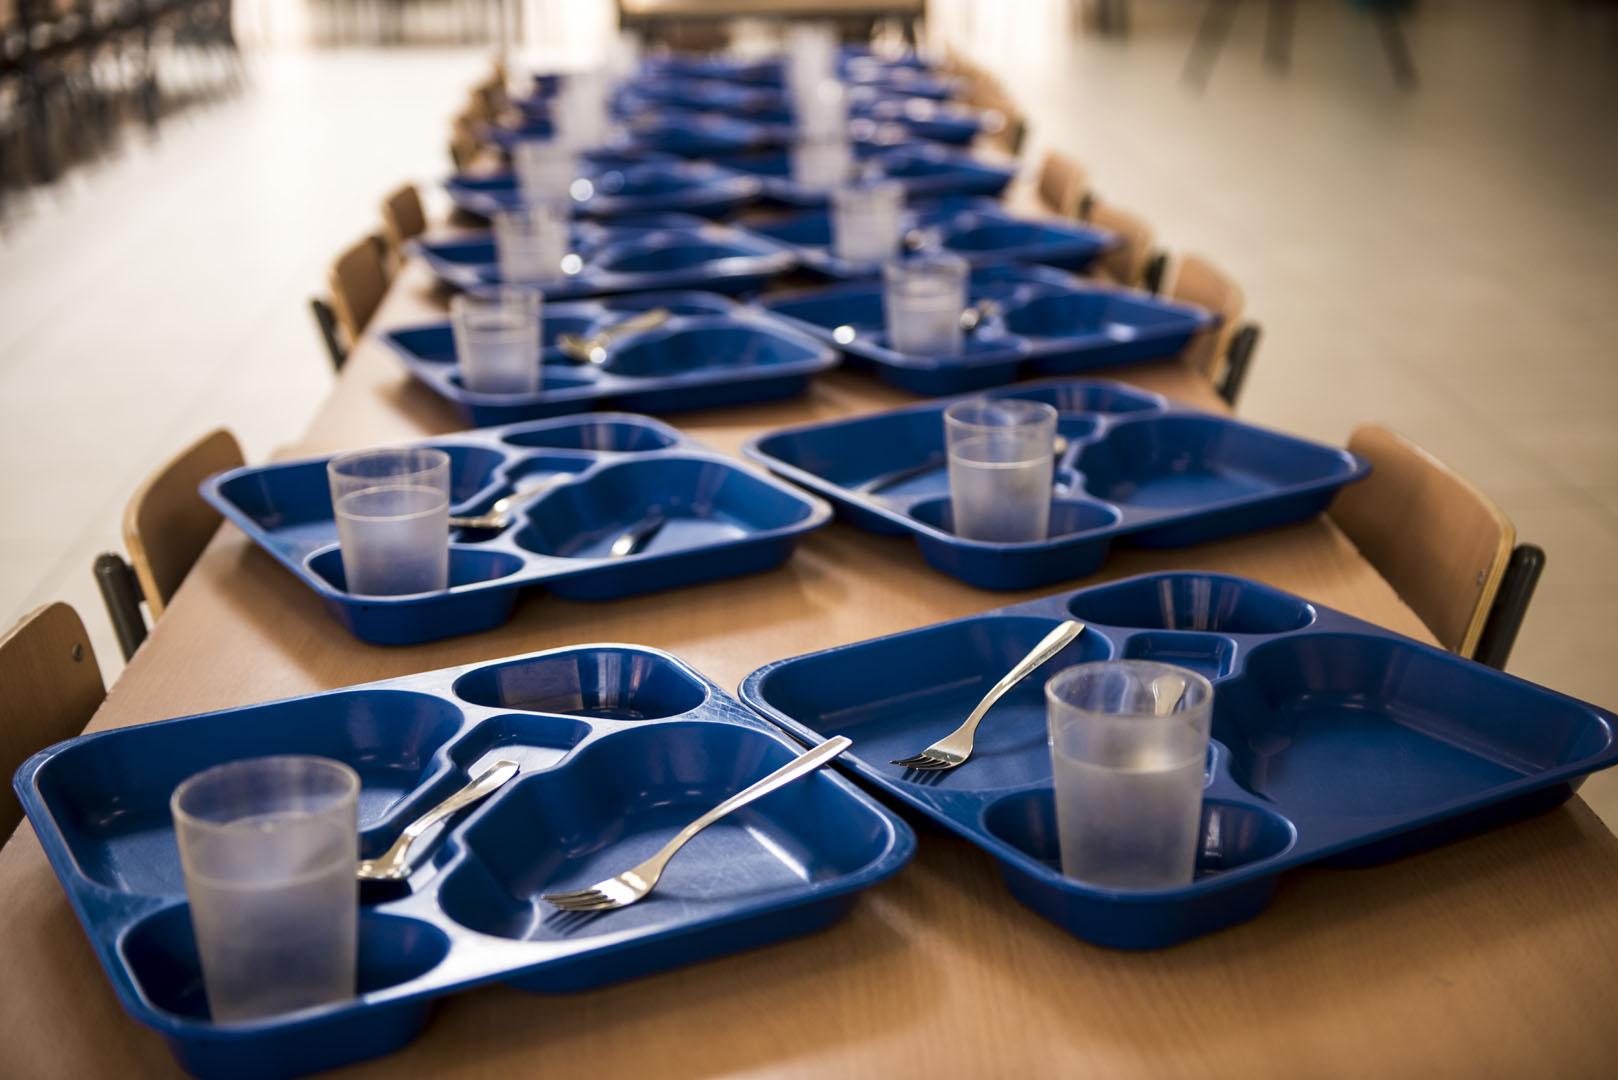 http://www.colegiotempranales.com/images/tempranales/centro/galeria/Comedor3.jpg